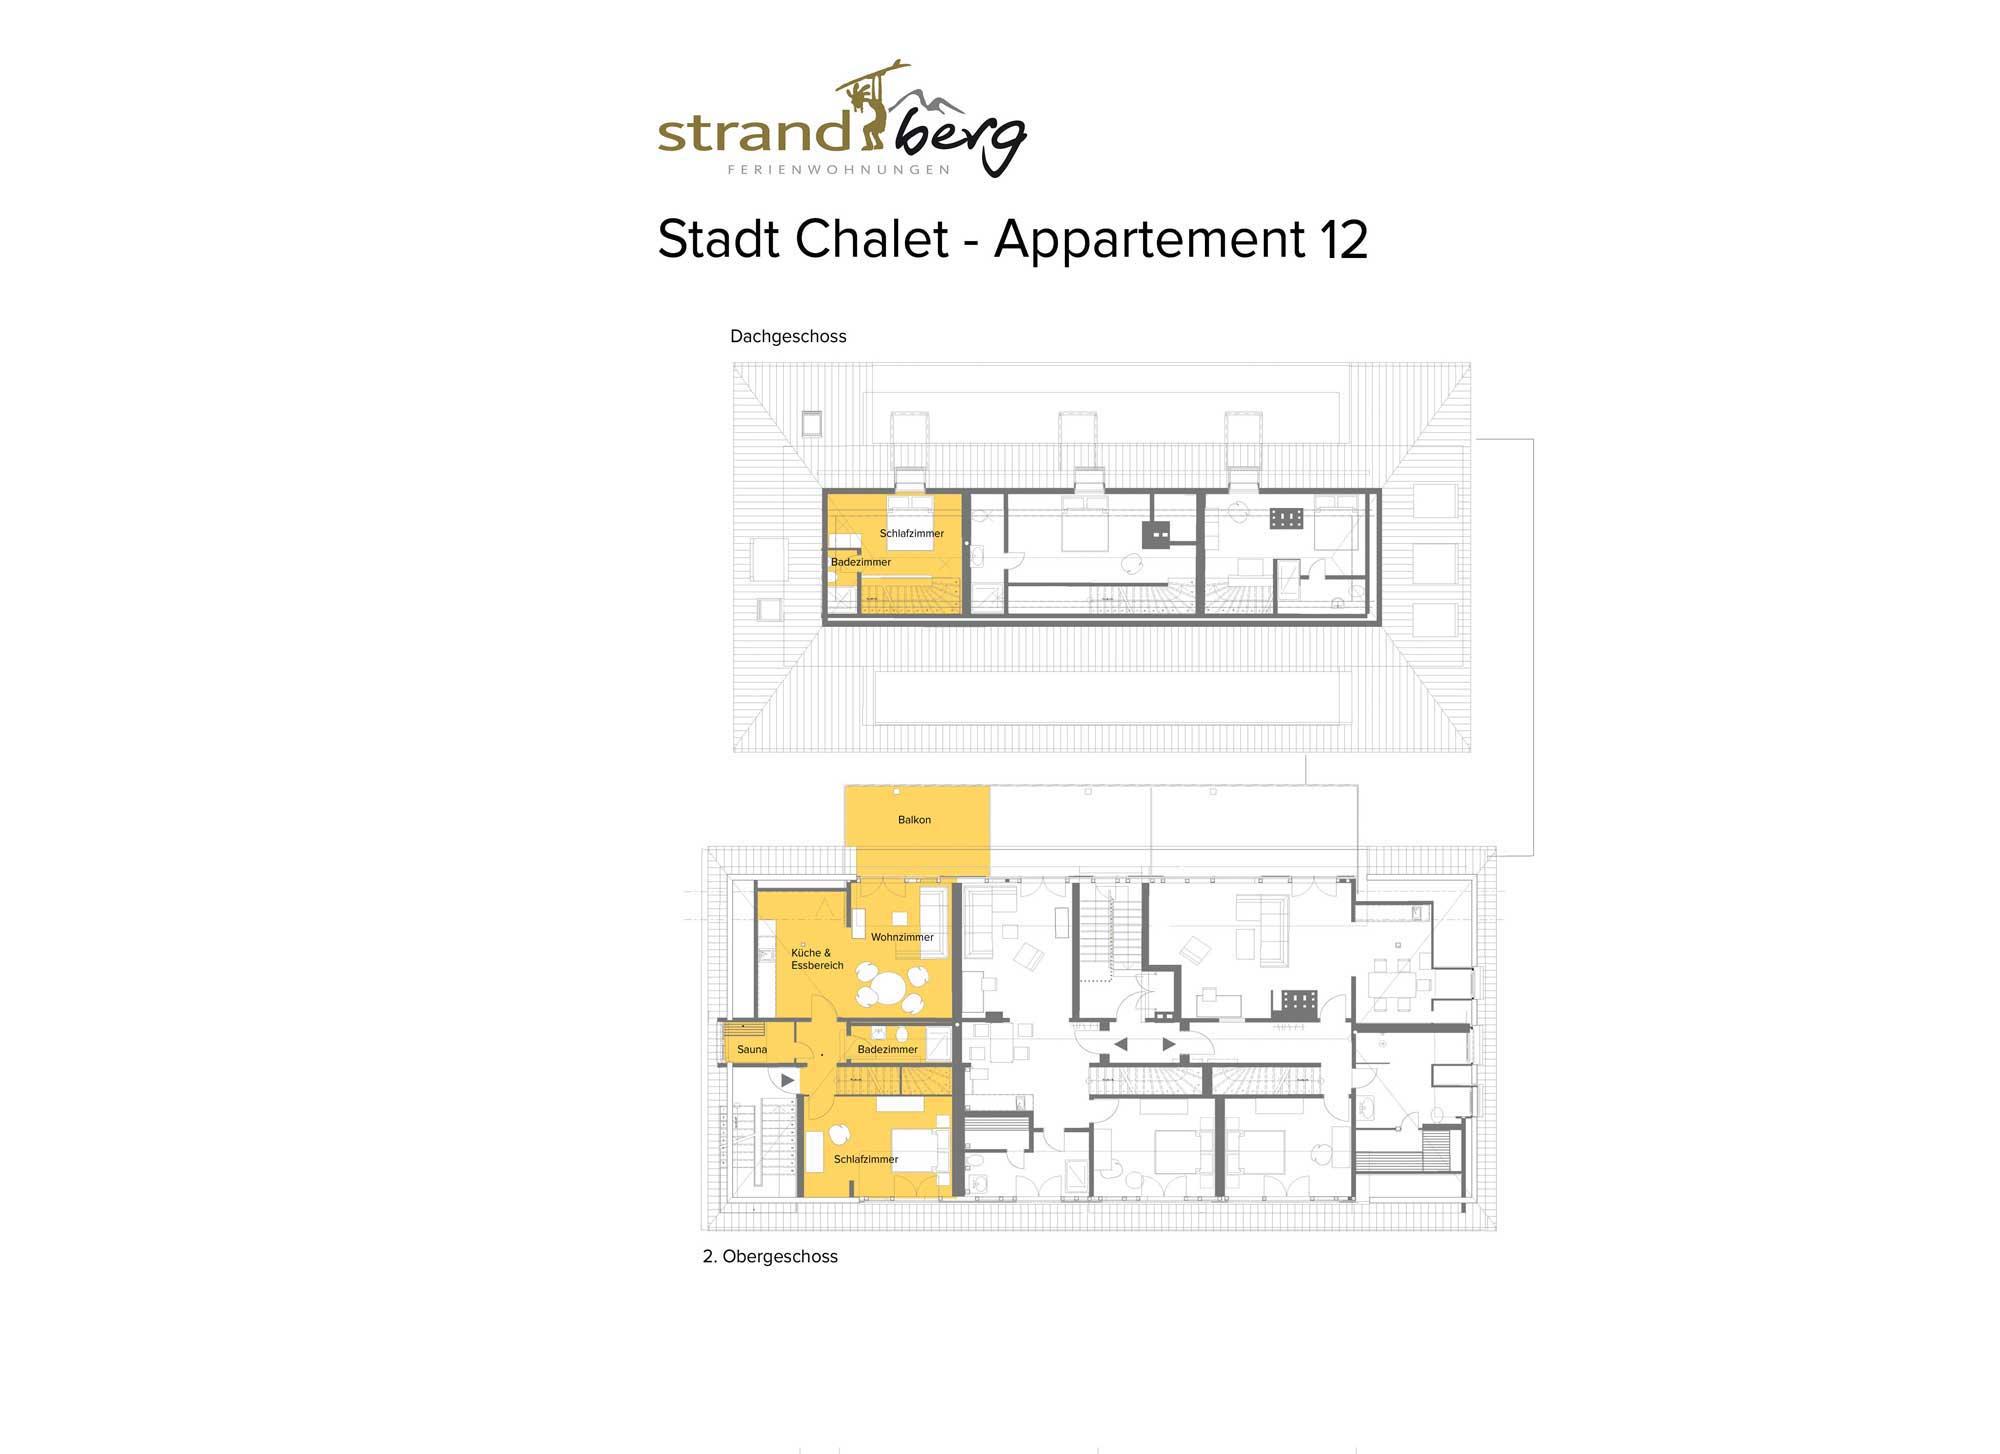 Stadt Chalet Appartement 12 - Grundriss